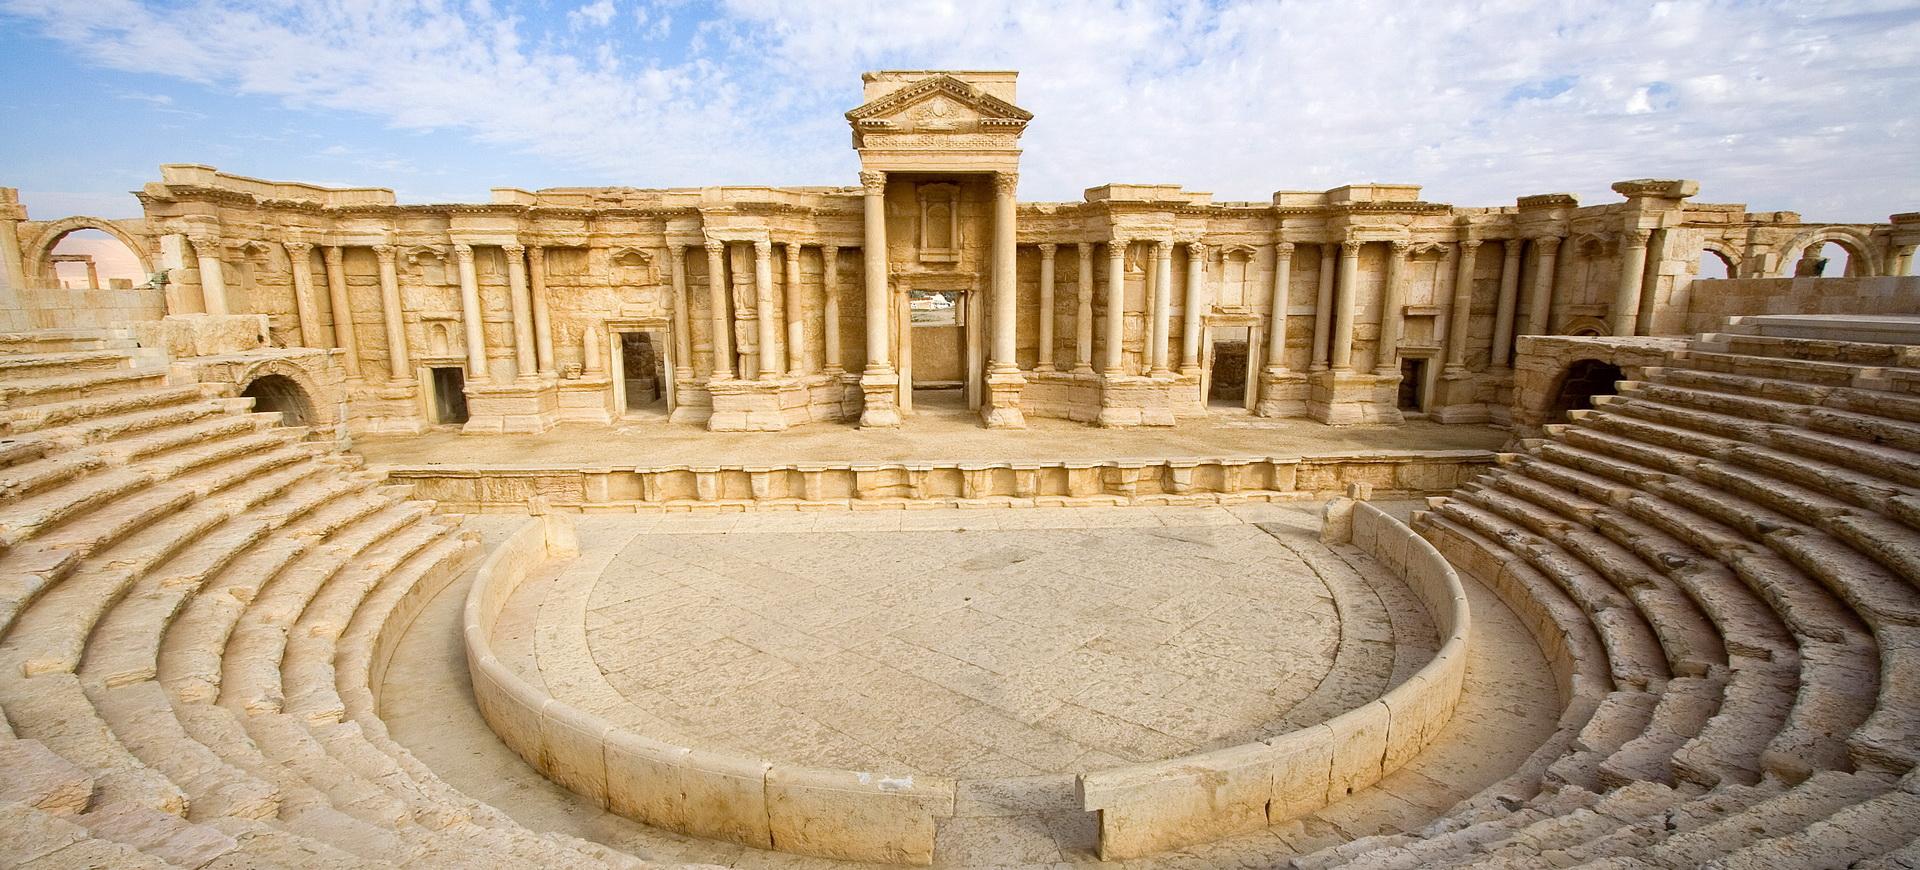 Palmyre, cité de la célèbre reine Zénobie en Syrie